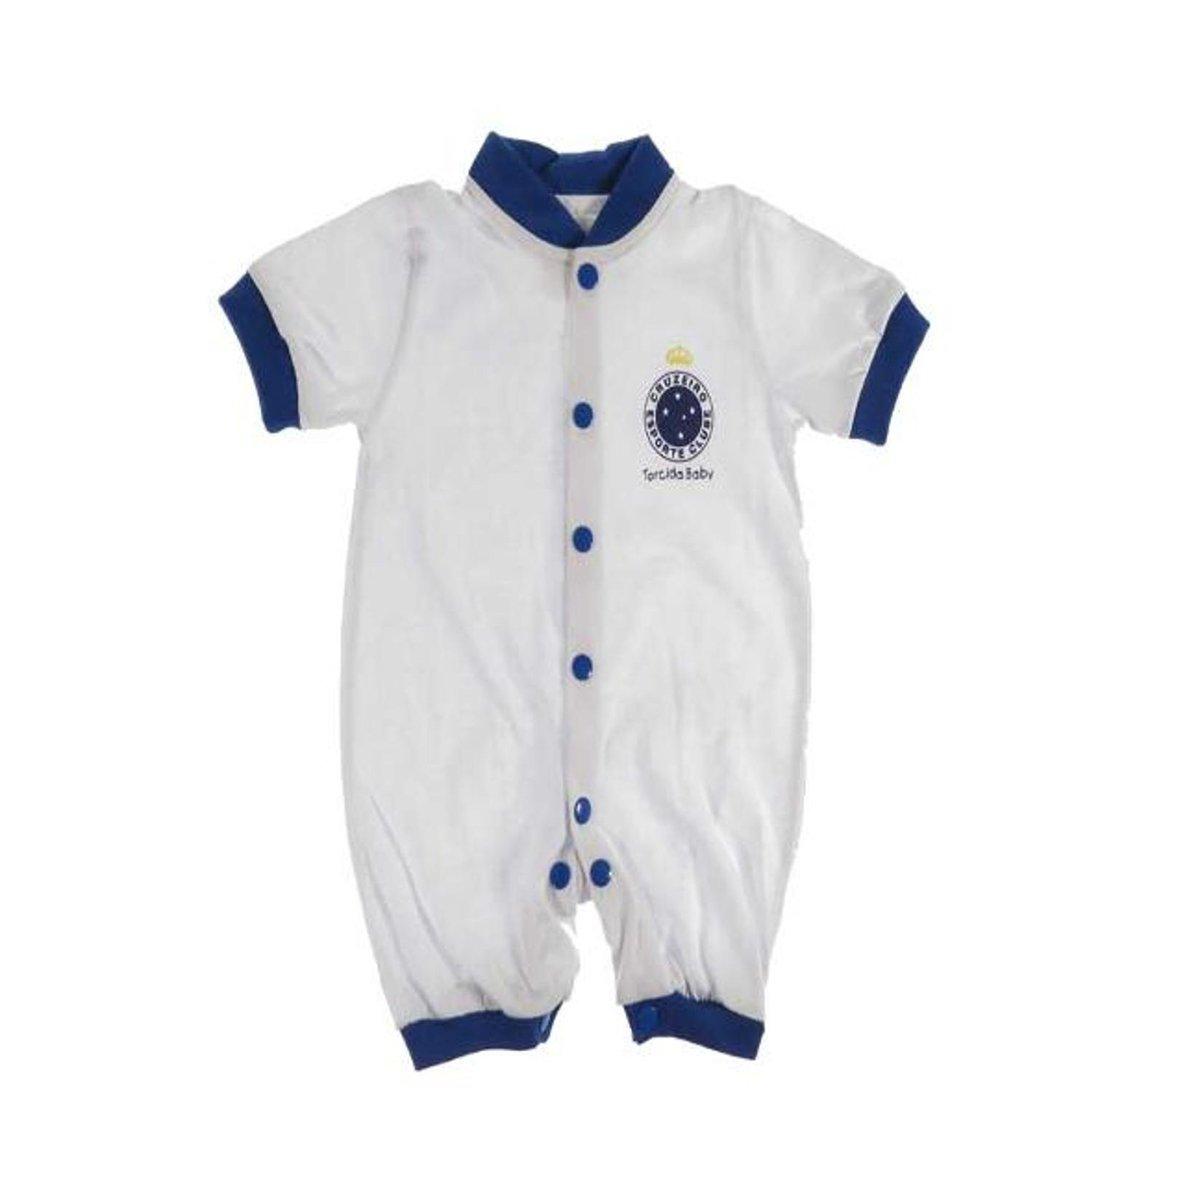 5de5b80c5e8cd Macacão Curto Bebê do Cruzeiro - Compre Agora